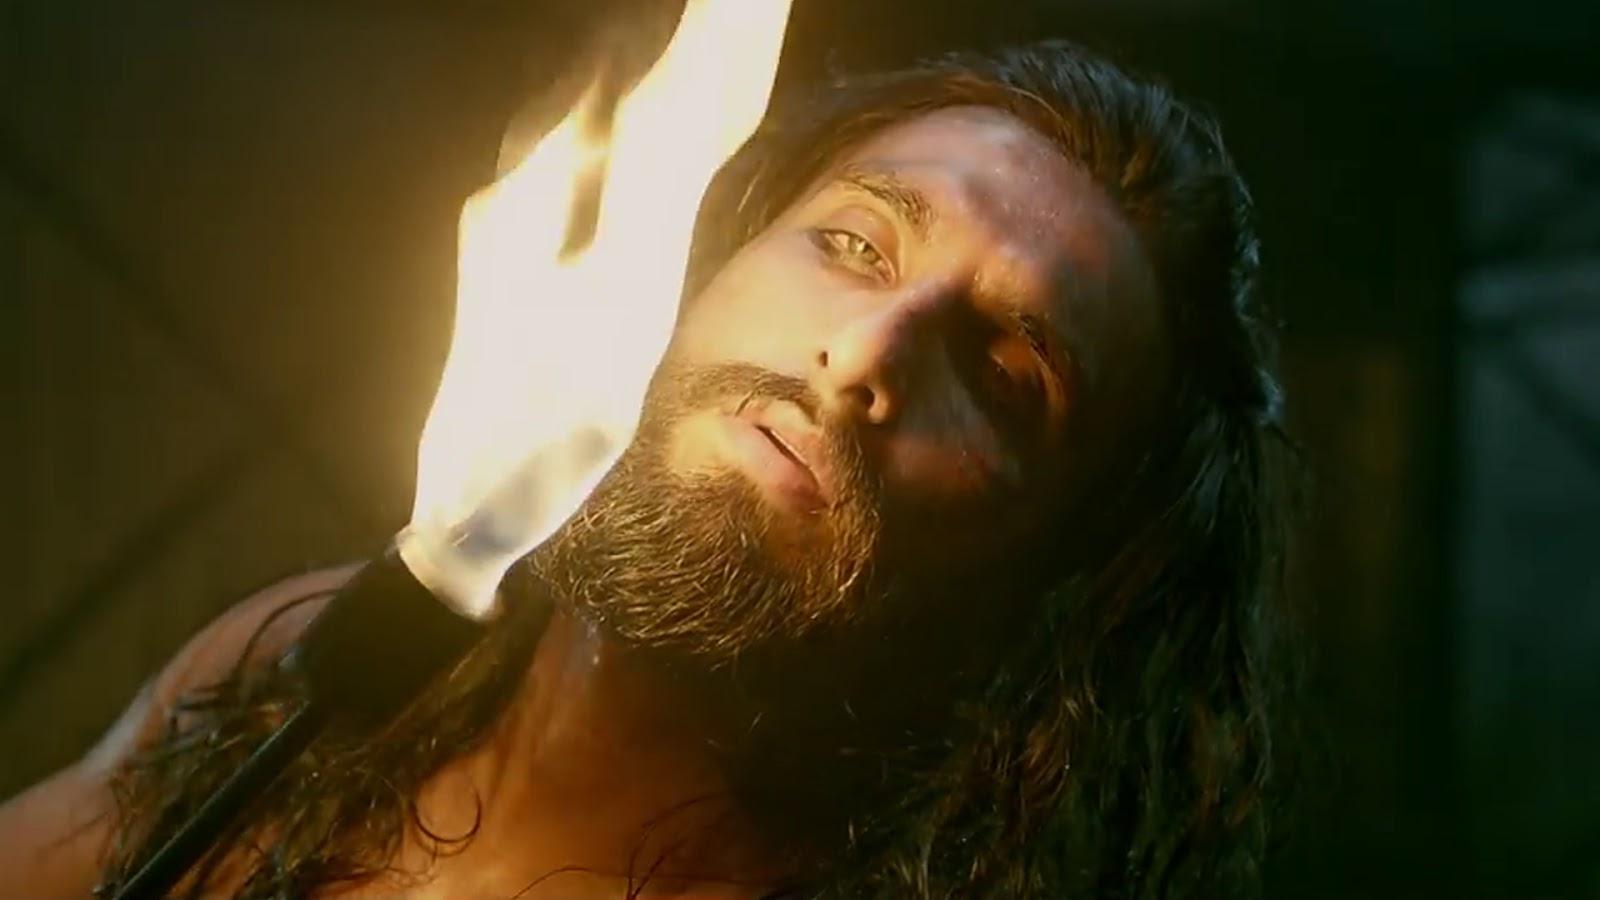 Padmaavat New Song Khali Bali Starring Ranveer Singh To